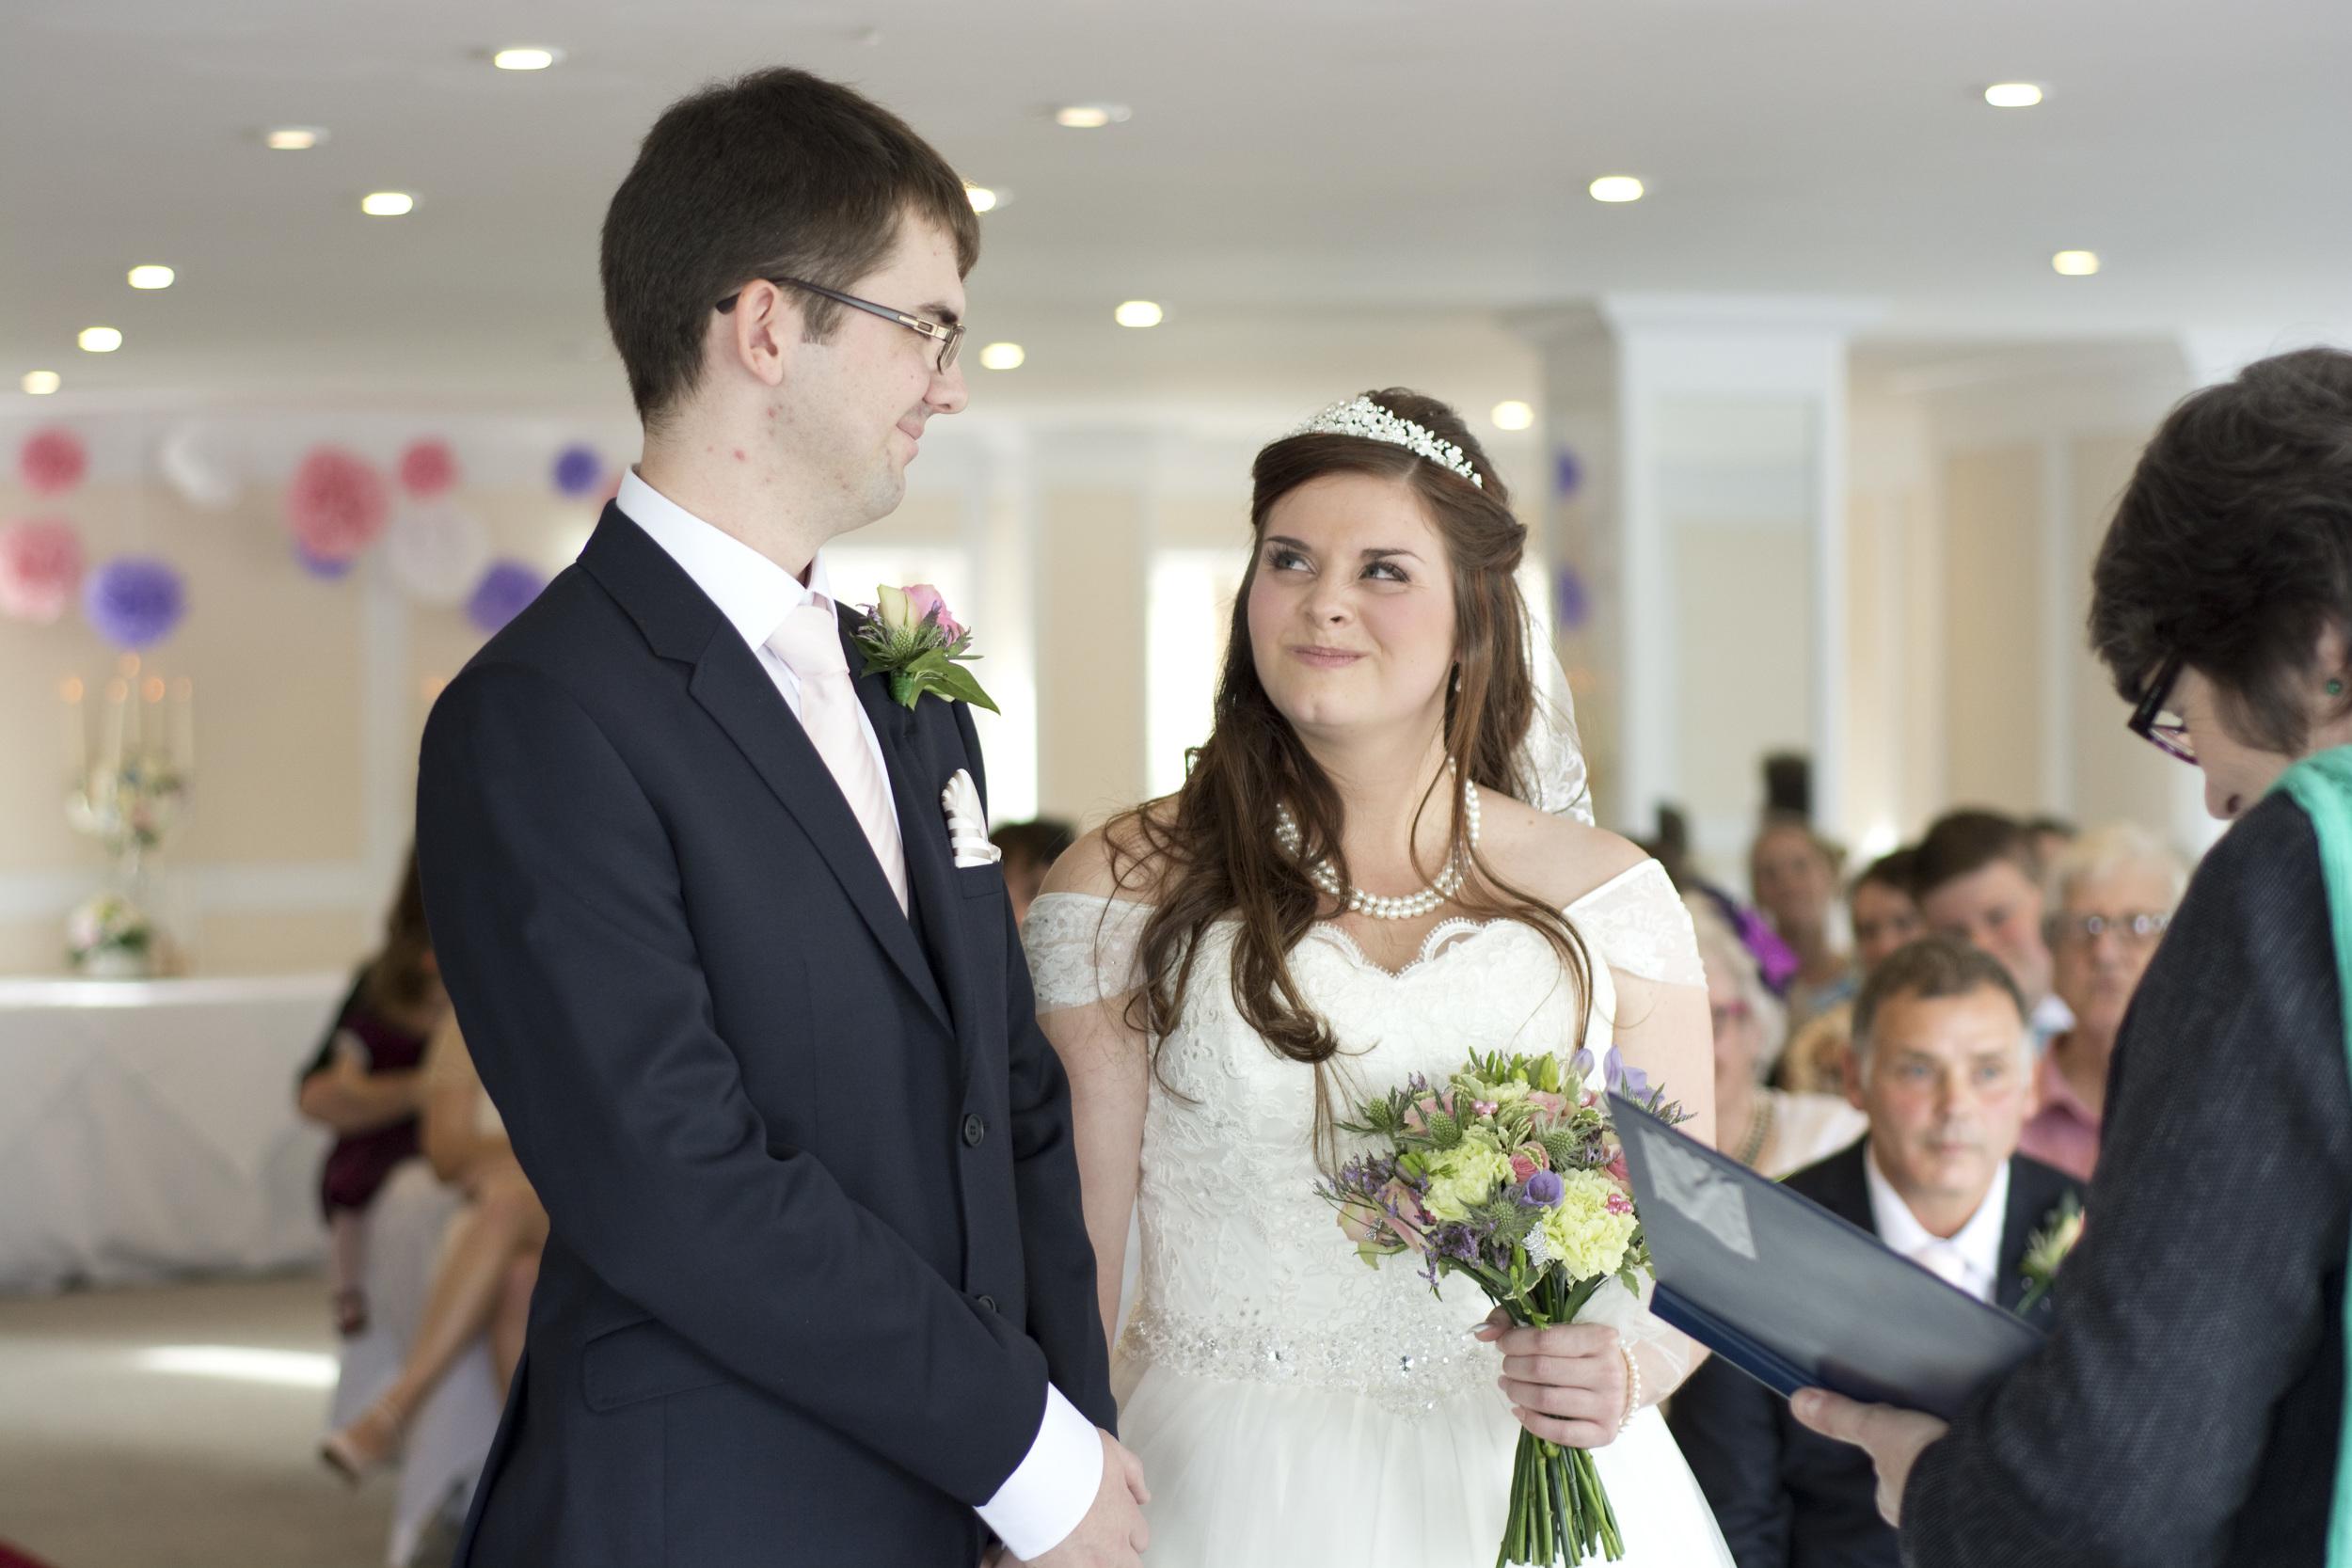 The way she looks at him at The GreenBank Hotel Falmouth